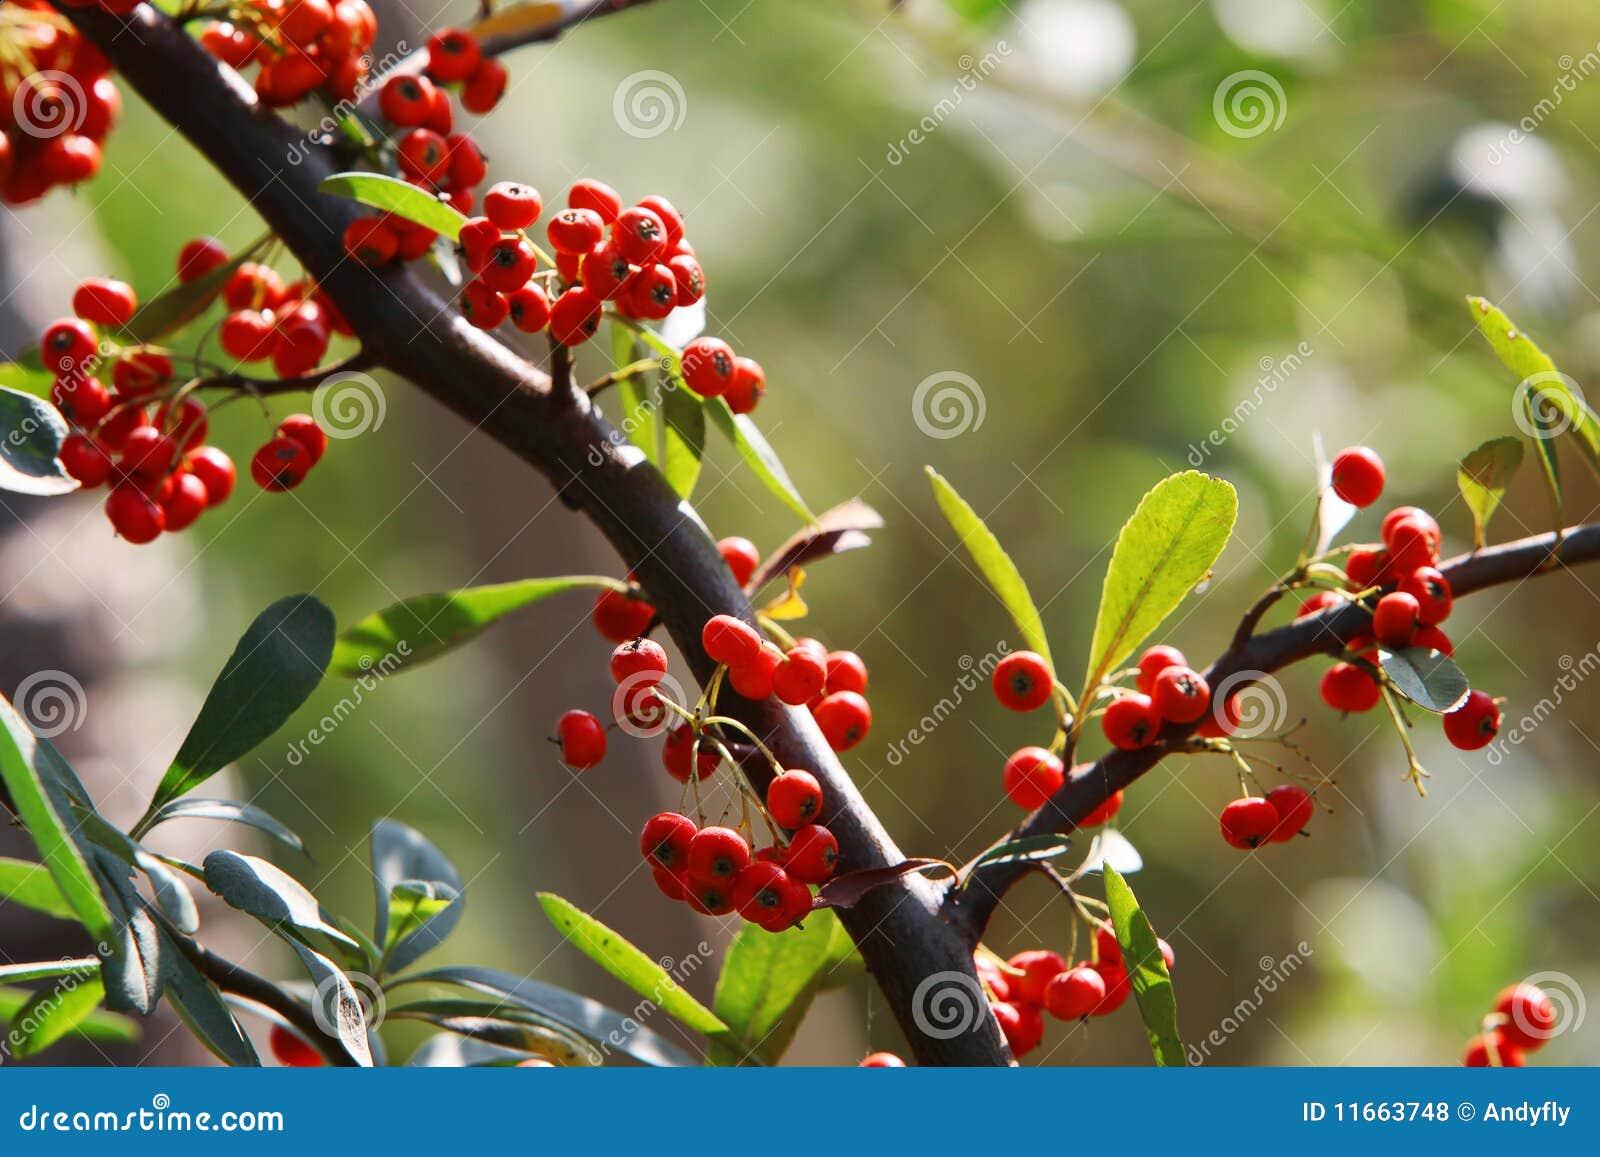 petit fruit rouge photos libres de droits image 11663748. Black Bedroom Furniture Sets. Home Design Ideas